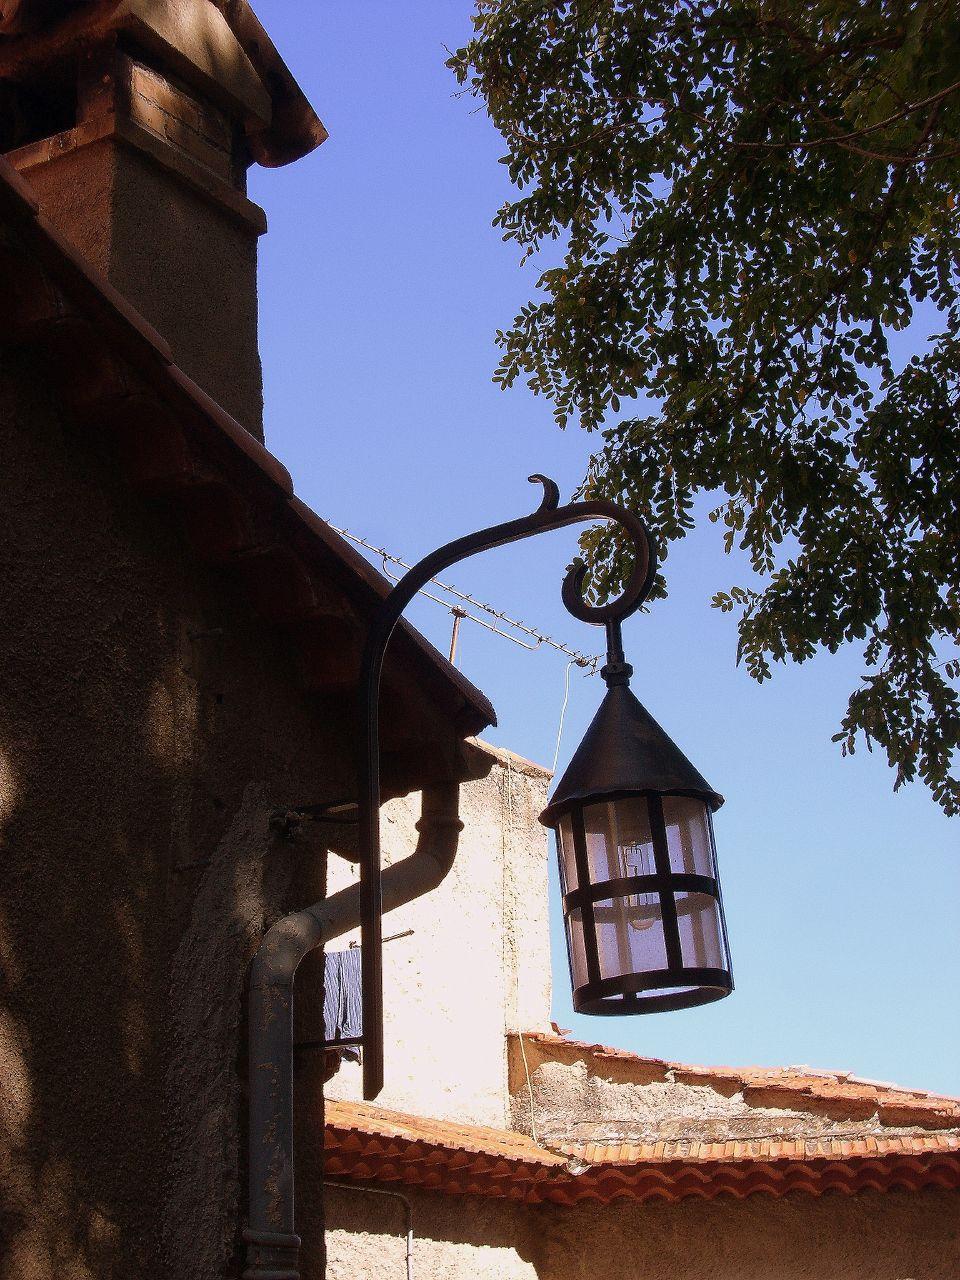 Oryginalna uliczna lampa w wiosce Eze we Francji - by CHRIS230